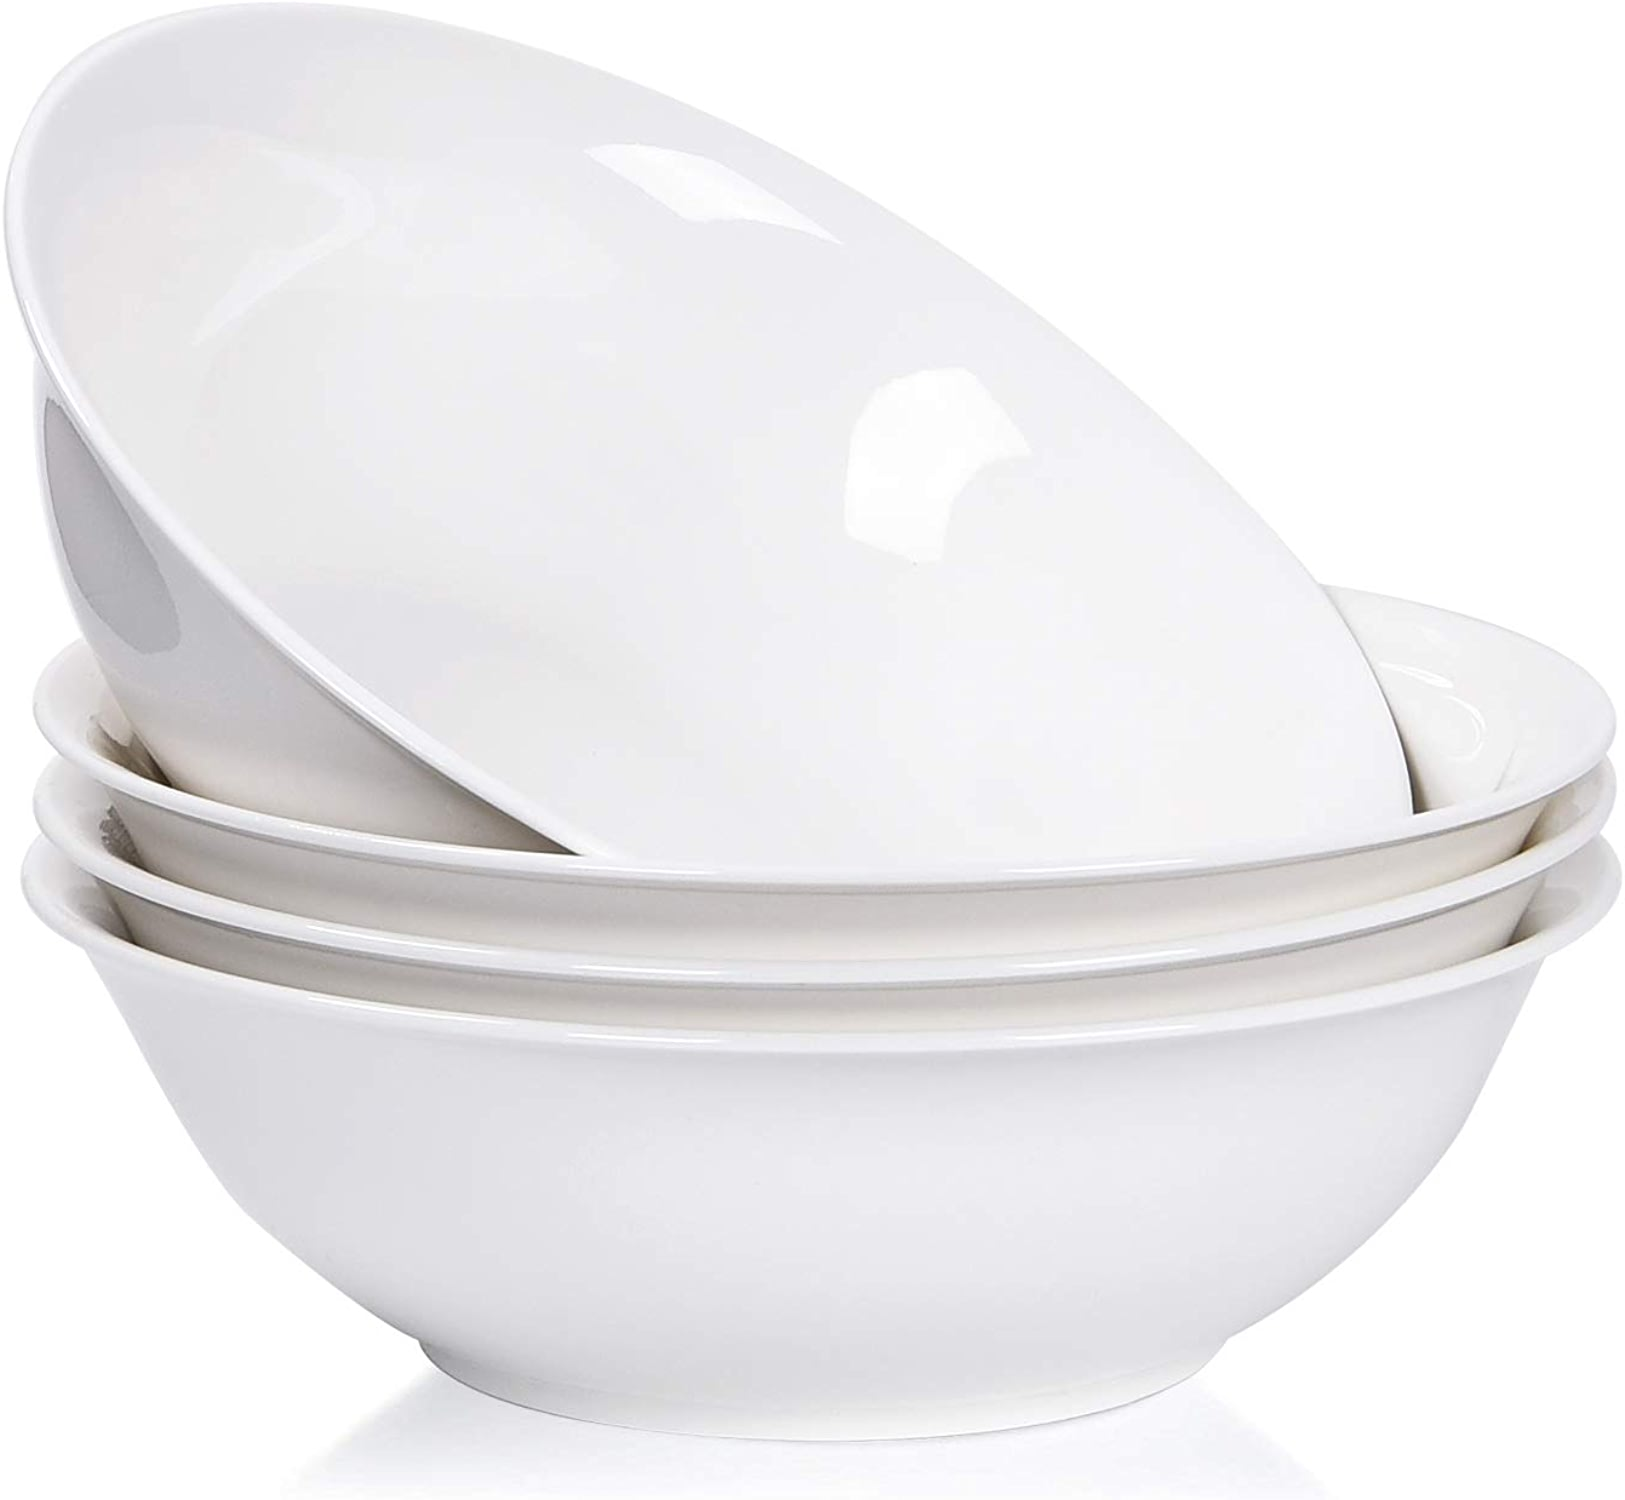 Lot de 4 grands bols à soupe en porcelaine Blanc pur 122 g 48 Ounce blanc pur